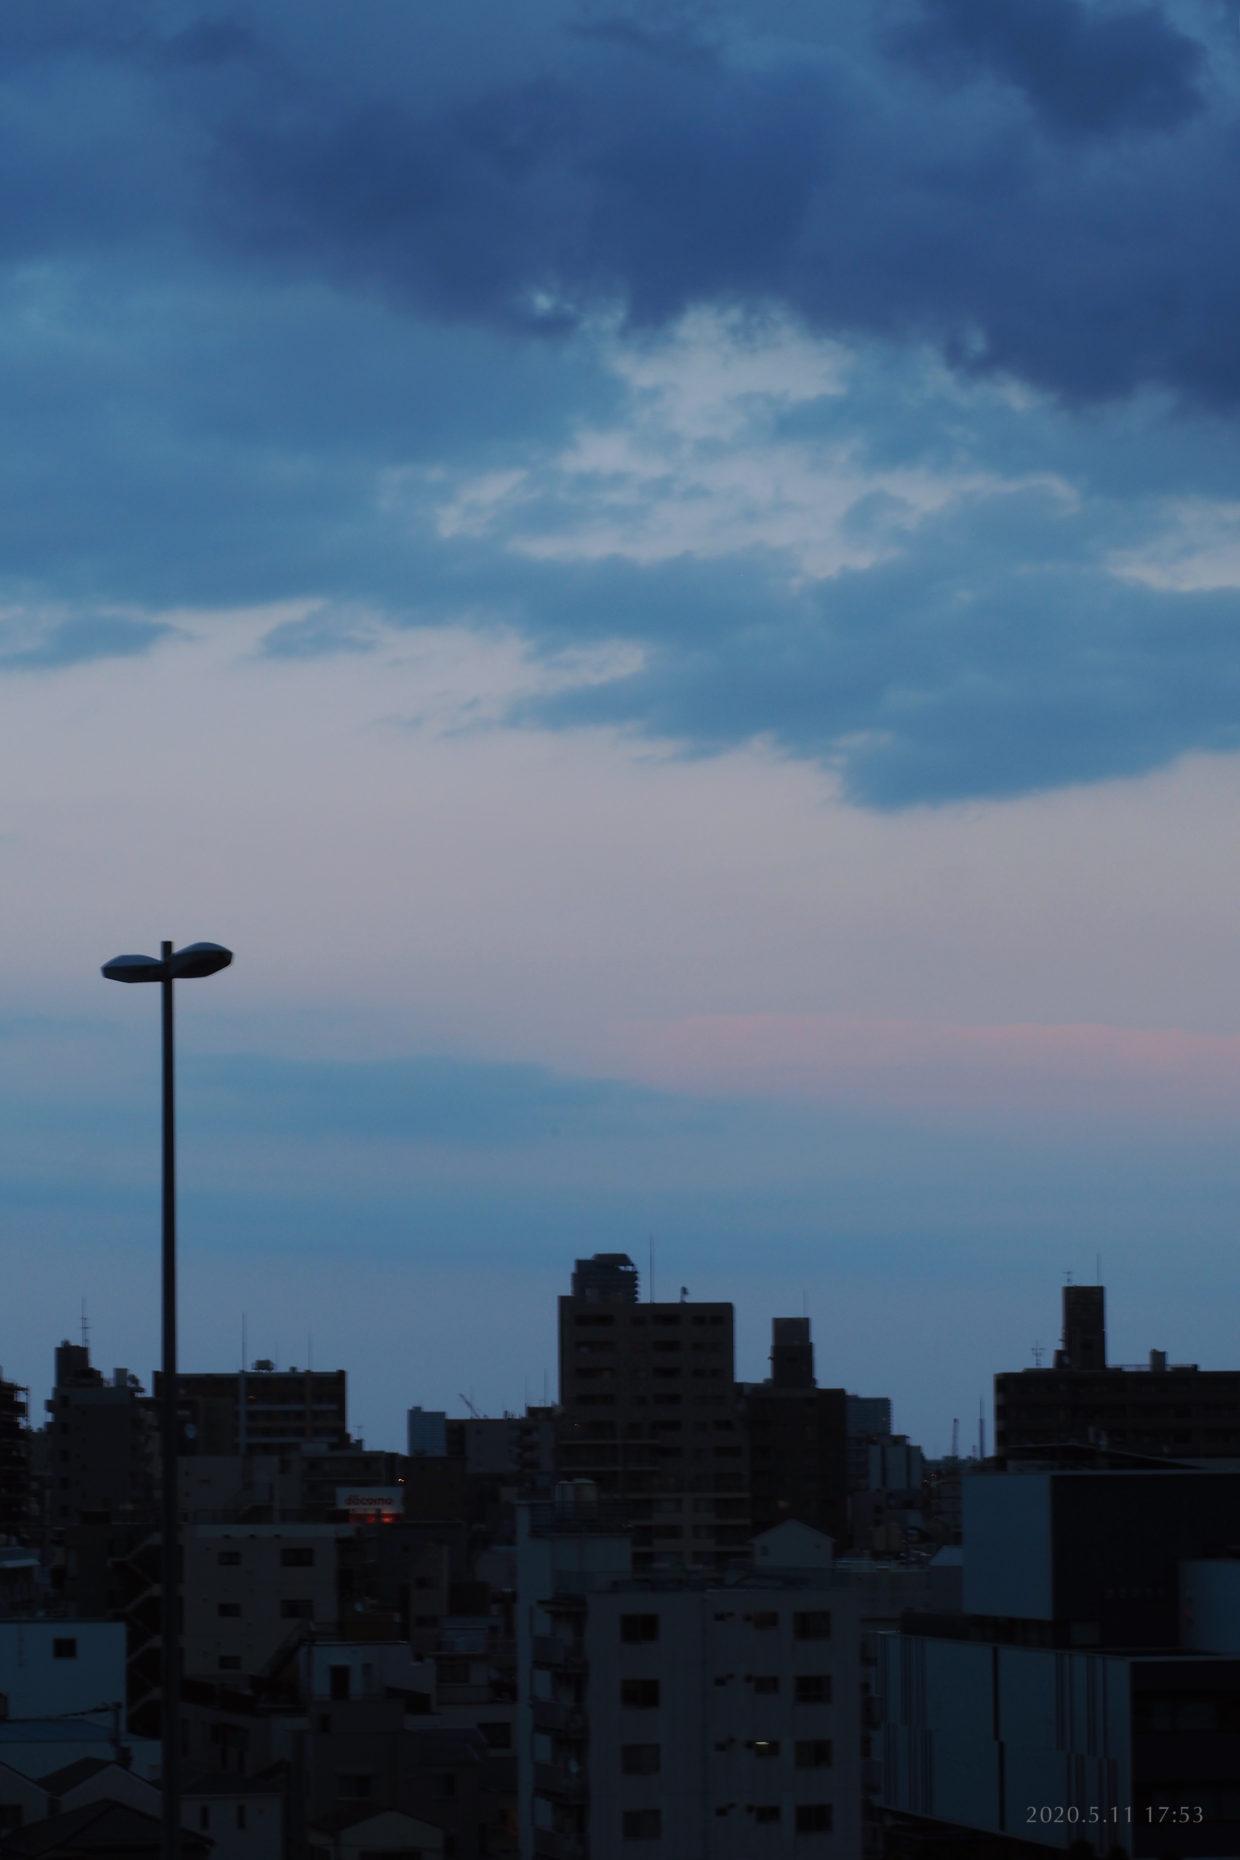 My skies 2020.4.11